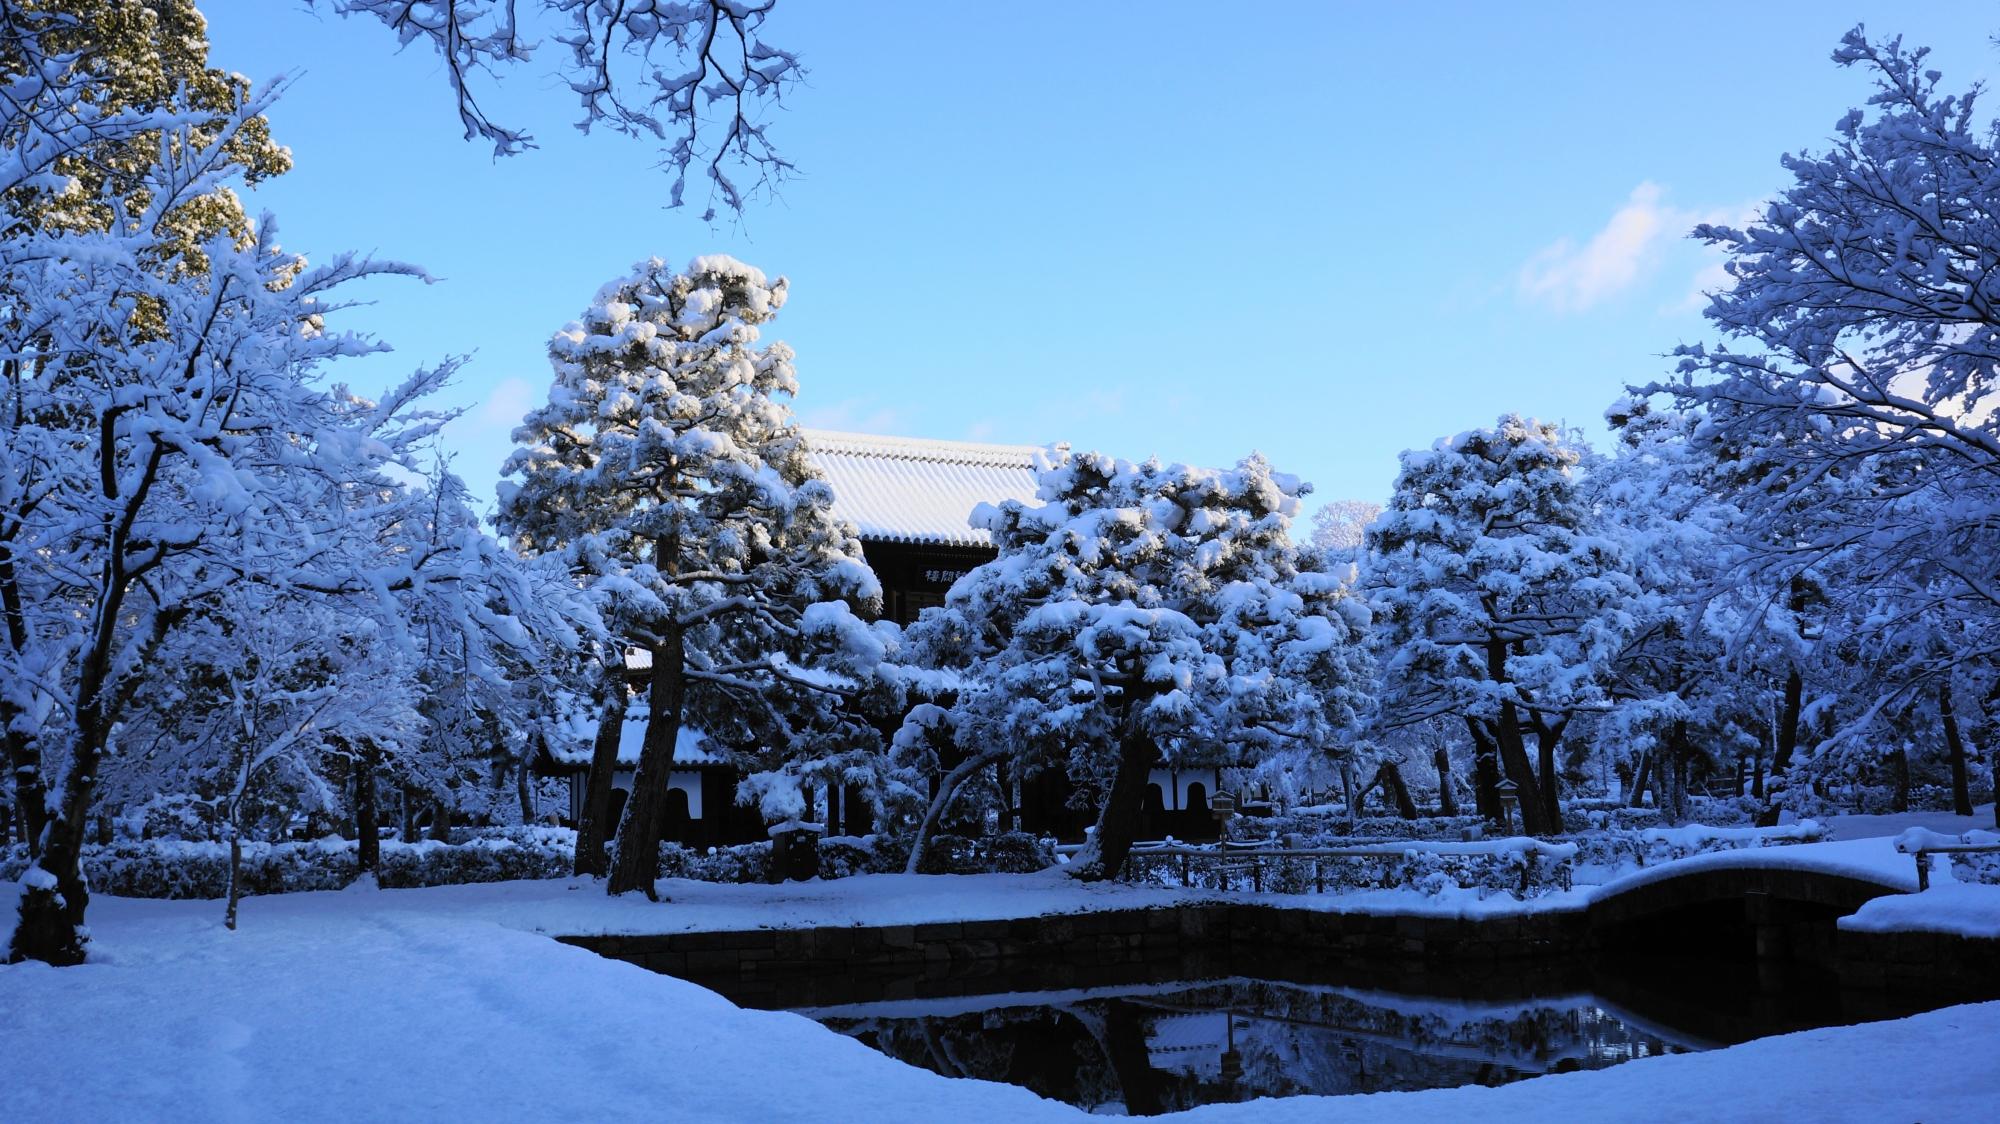 池の周りも一面真っ白になった建仁寺